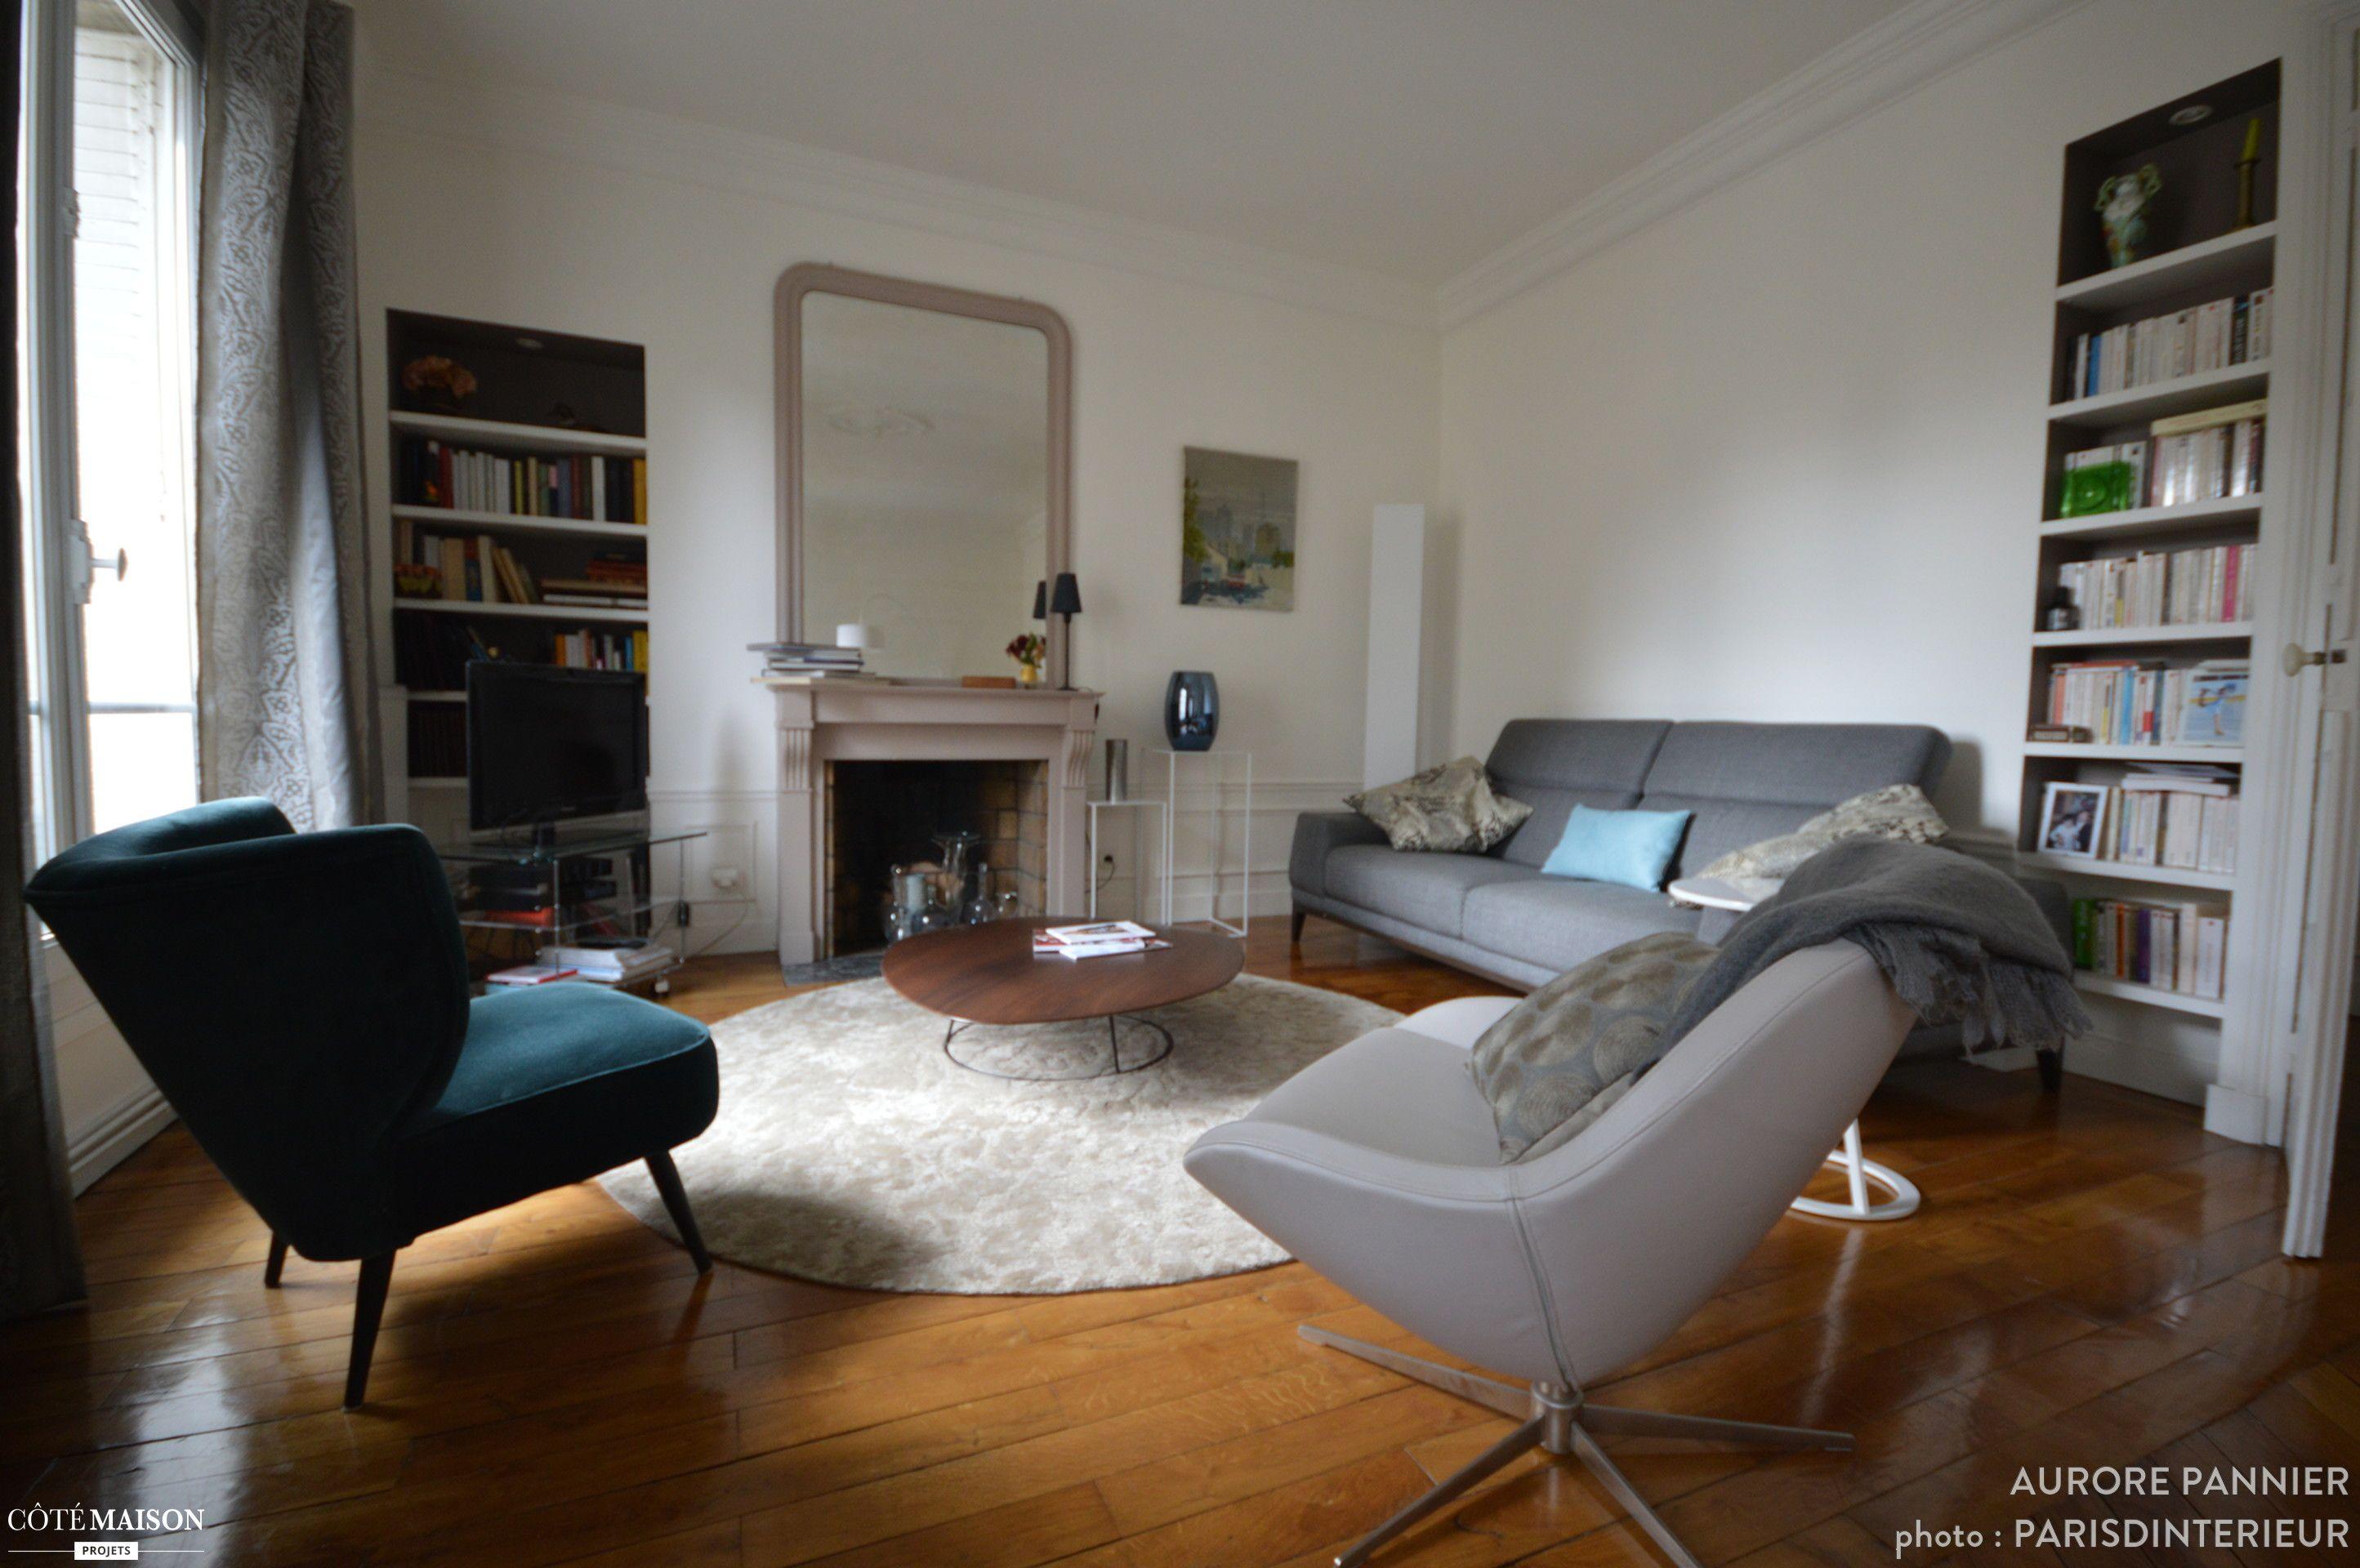 salon contemporain dans appartement haussmannien avec parquet chemin e d co salon. Black Bedroom Furniture Sets. Home Design Ideas